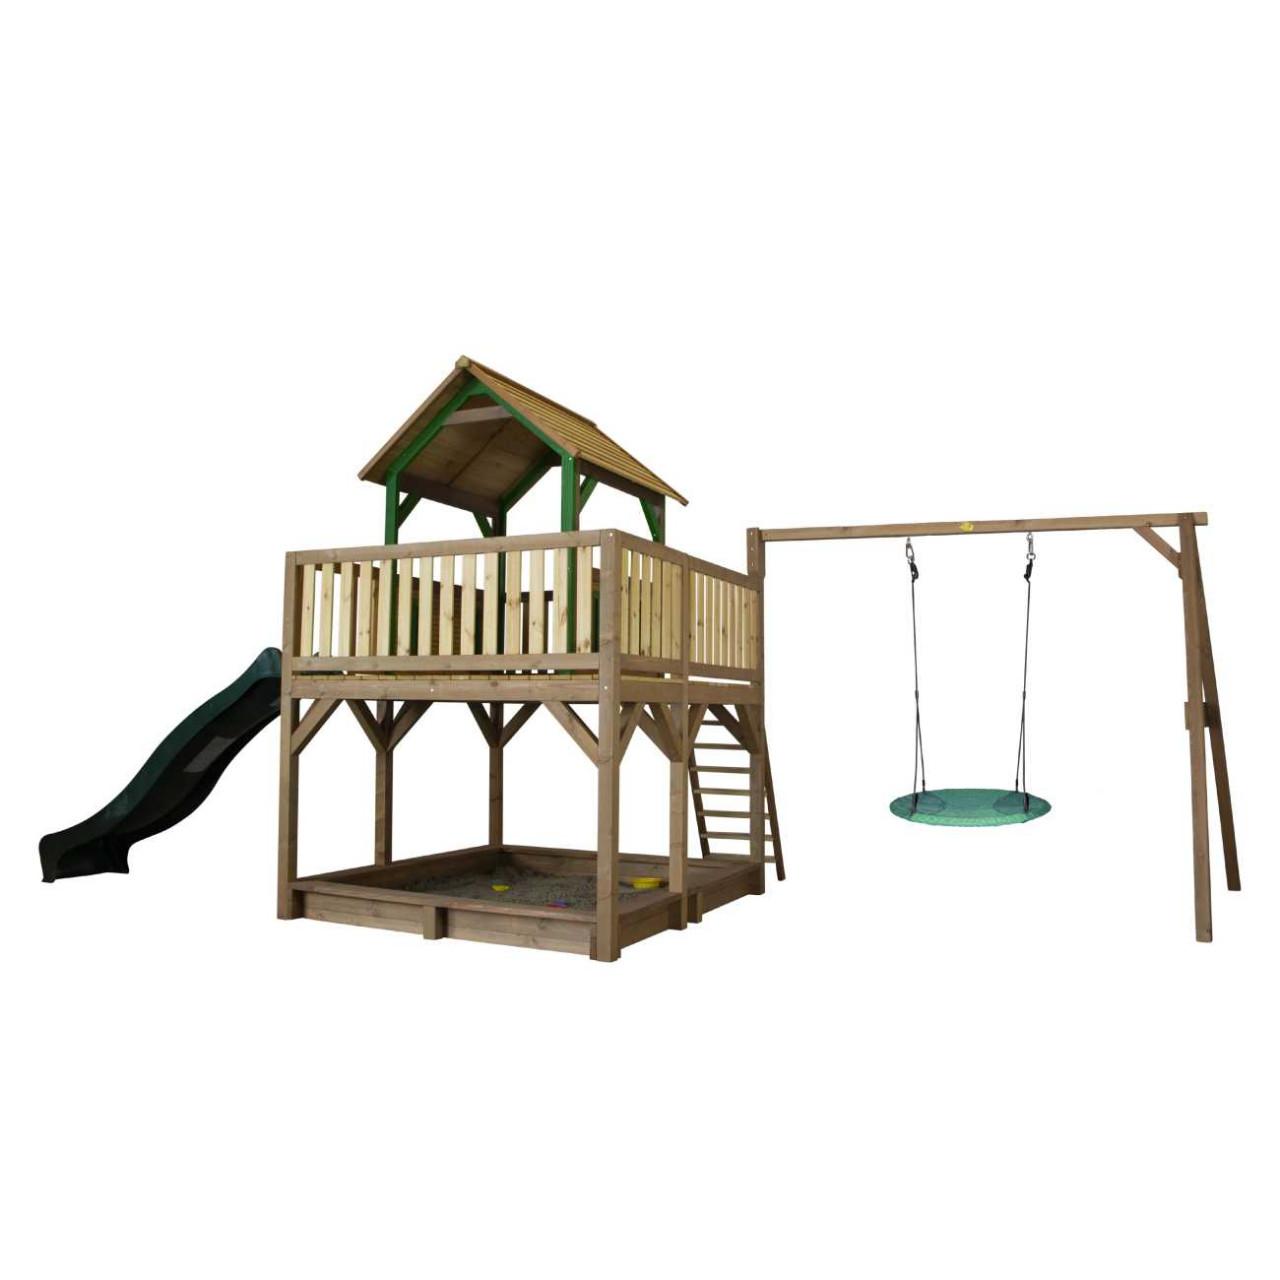 Spielturm Atka mit Nestschaukel Winkoh, Axi Spielturm, Kinder